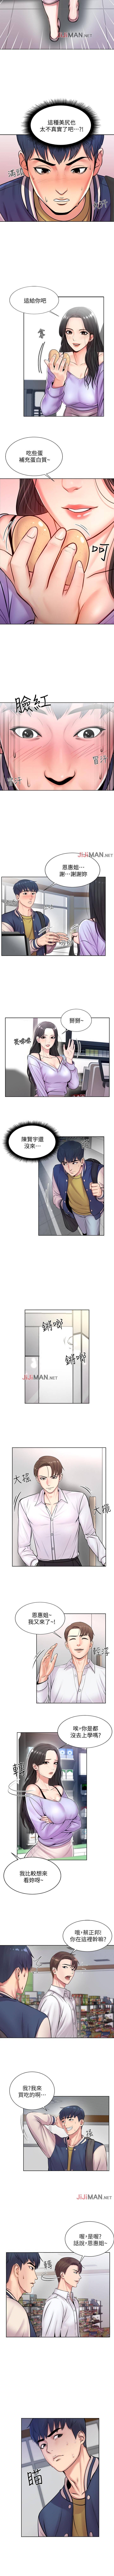 【周三连载】超市的漂亮姐姐(作者:北鼻&逃兵) 第1~20话 5